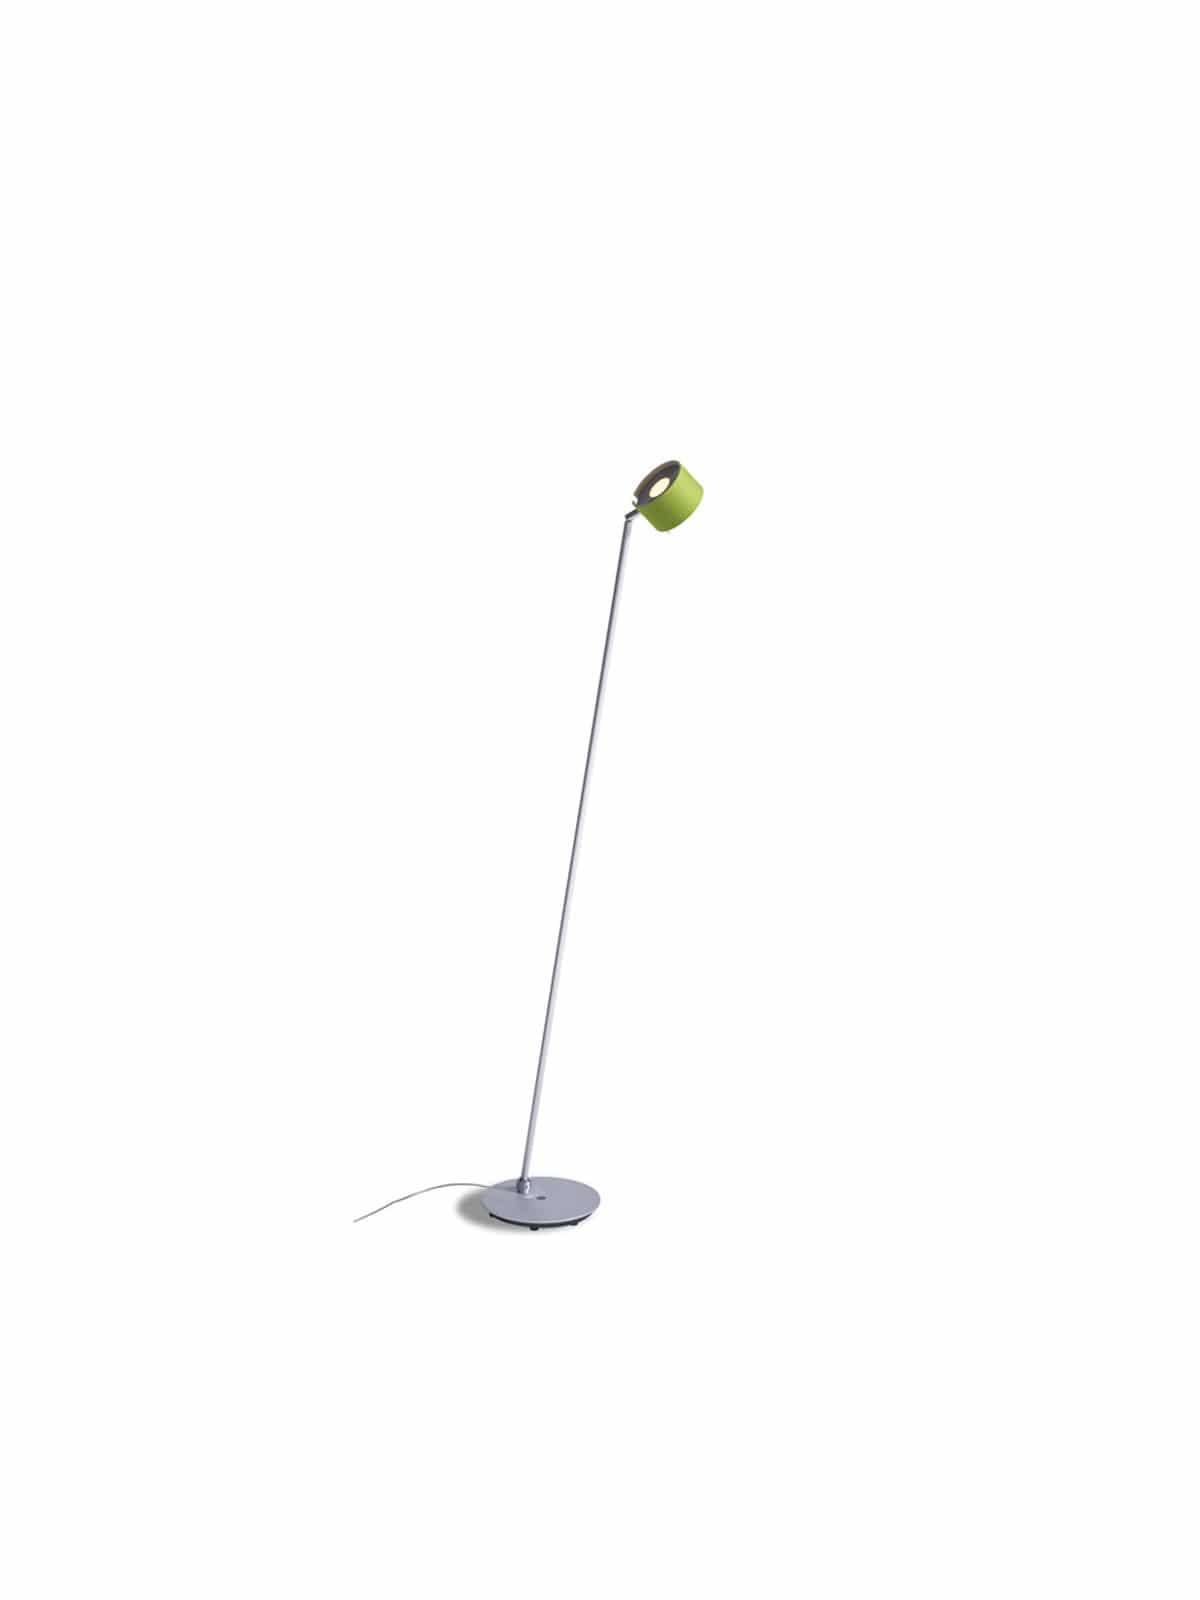 Stehleuchte CAI von Domus LED Leuchten online kaufen DesignOrt Berlin